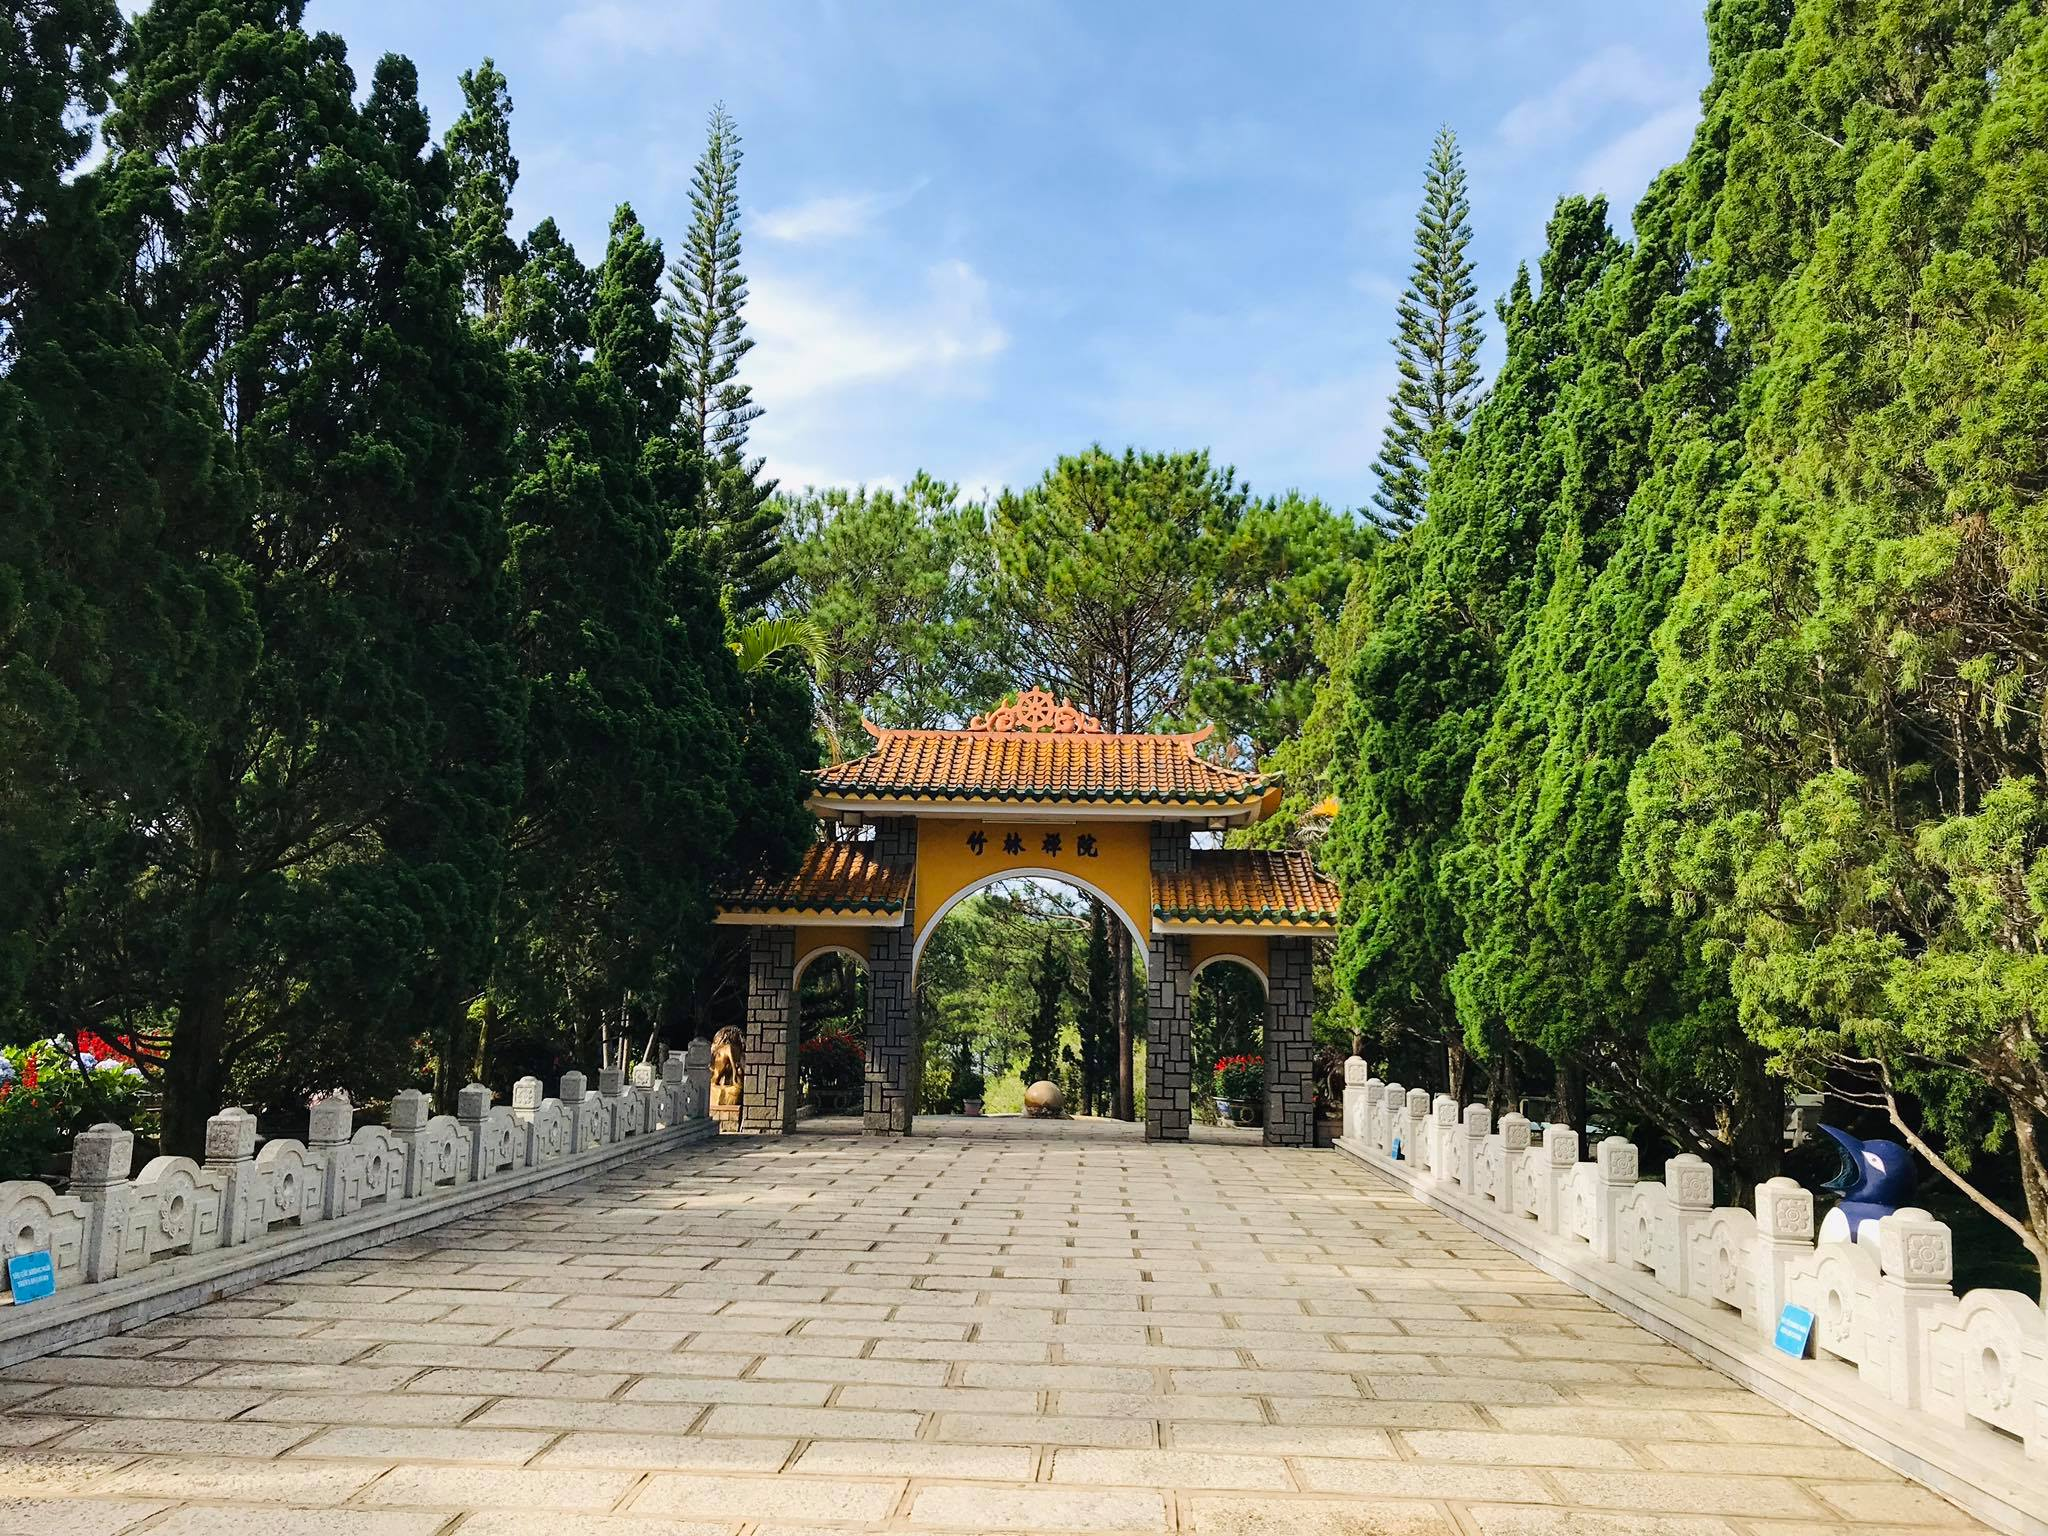 Địa chỉ Thiền viện Trúc lâm Đà Lạt